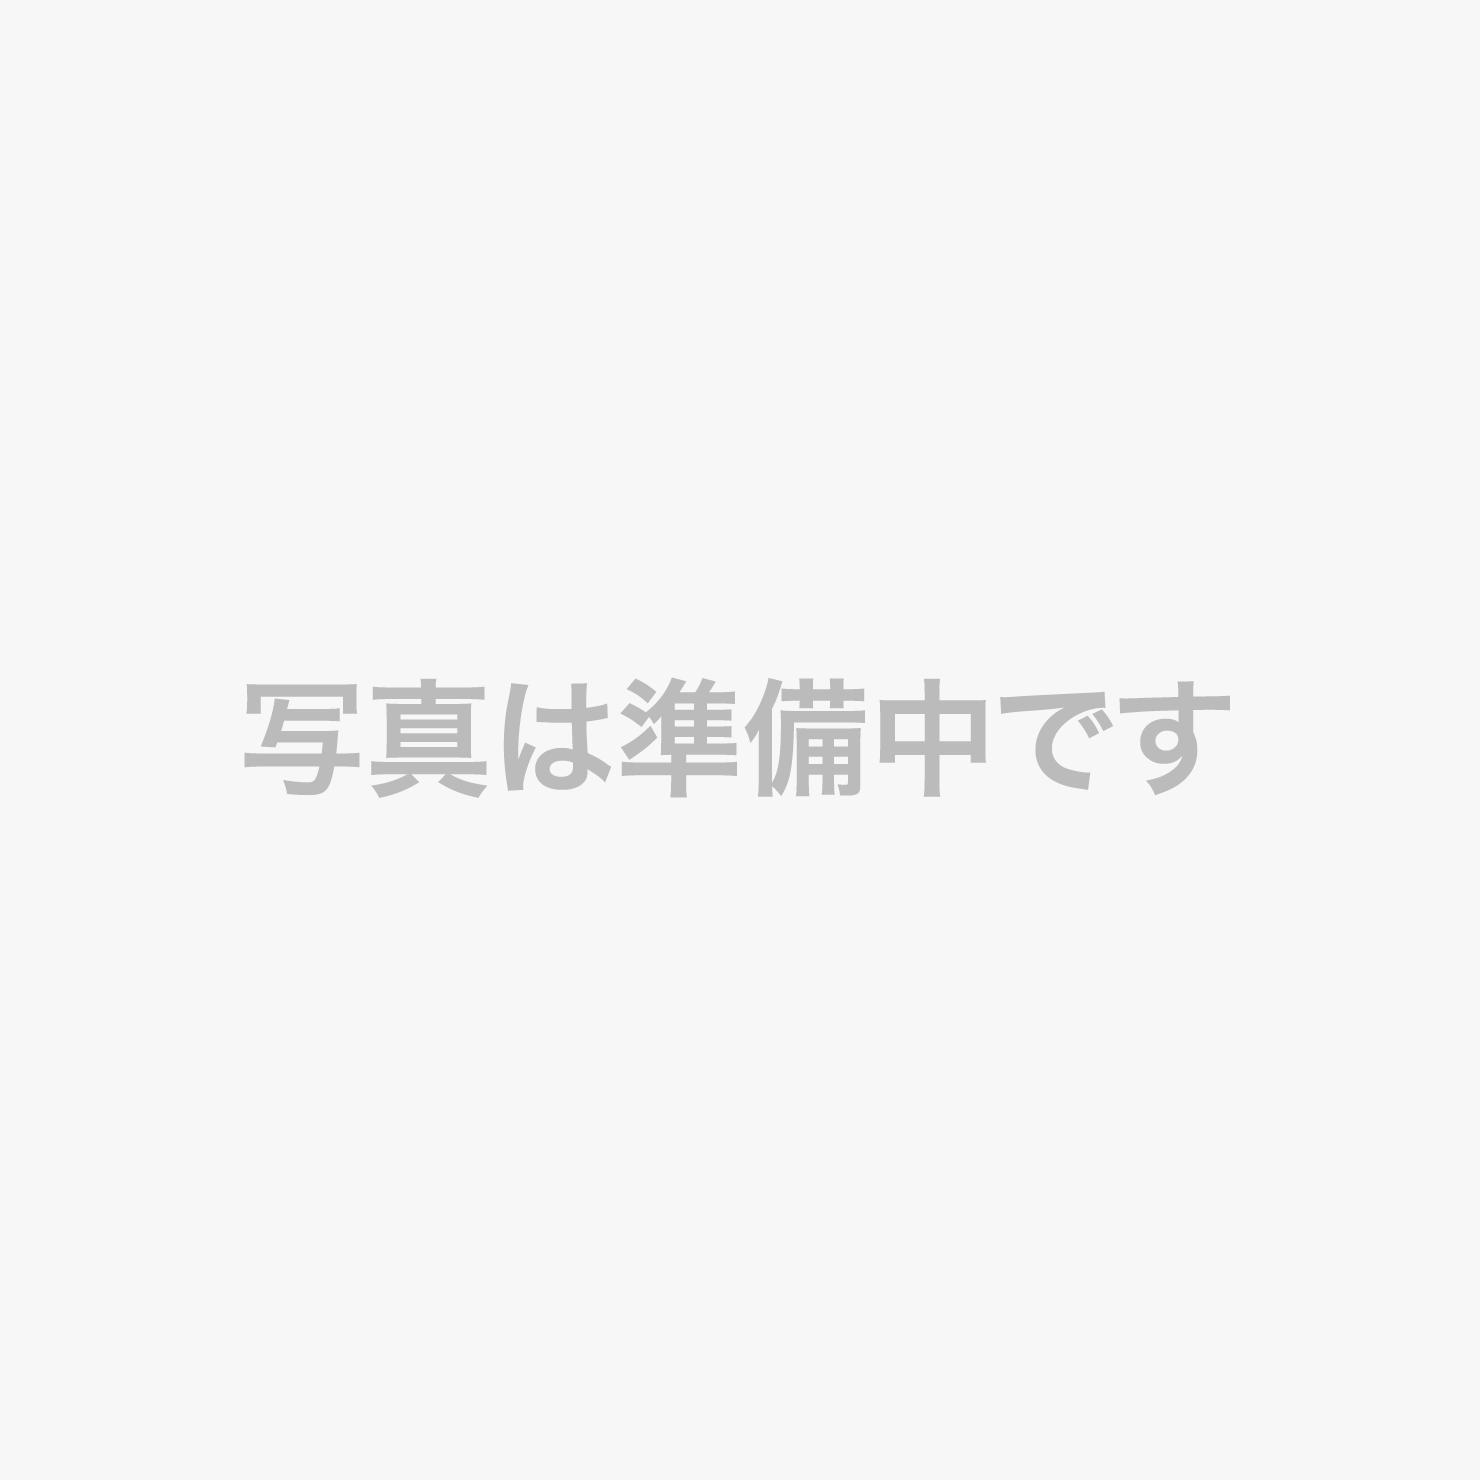 【ルミナス神戸2】世界最長のつり橋・明石海峡大橋をはじめ、神戸の美しい風景を壮大なスケールで愉しめる